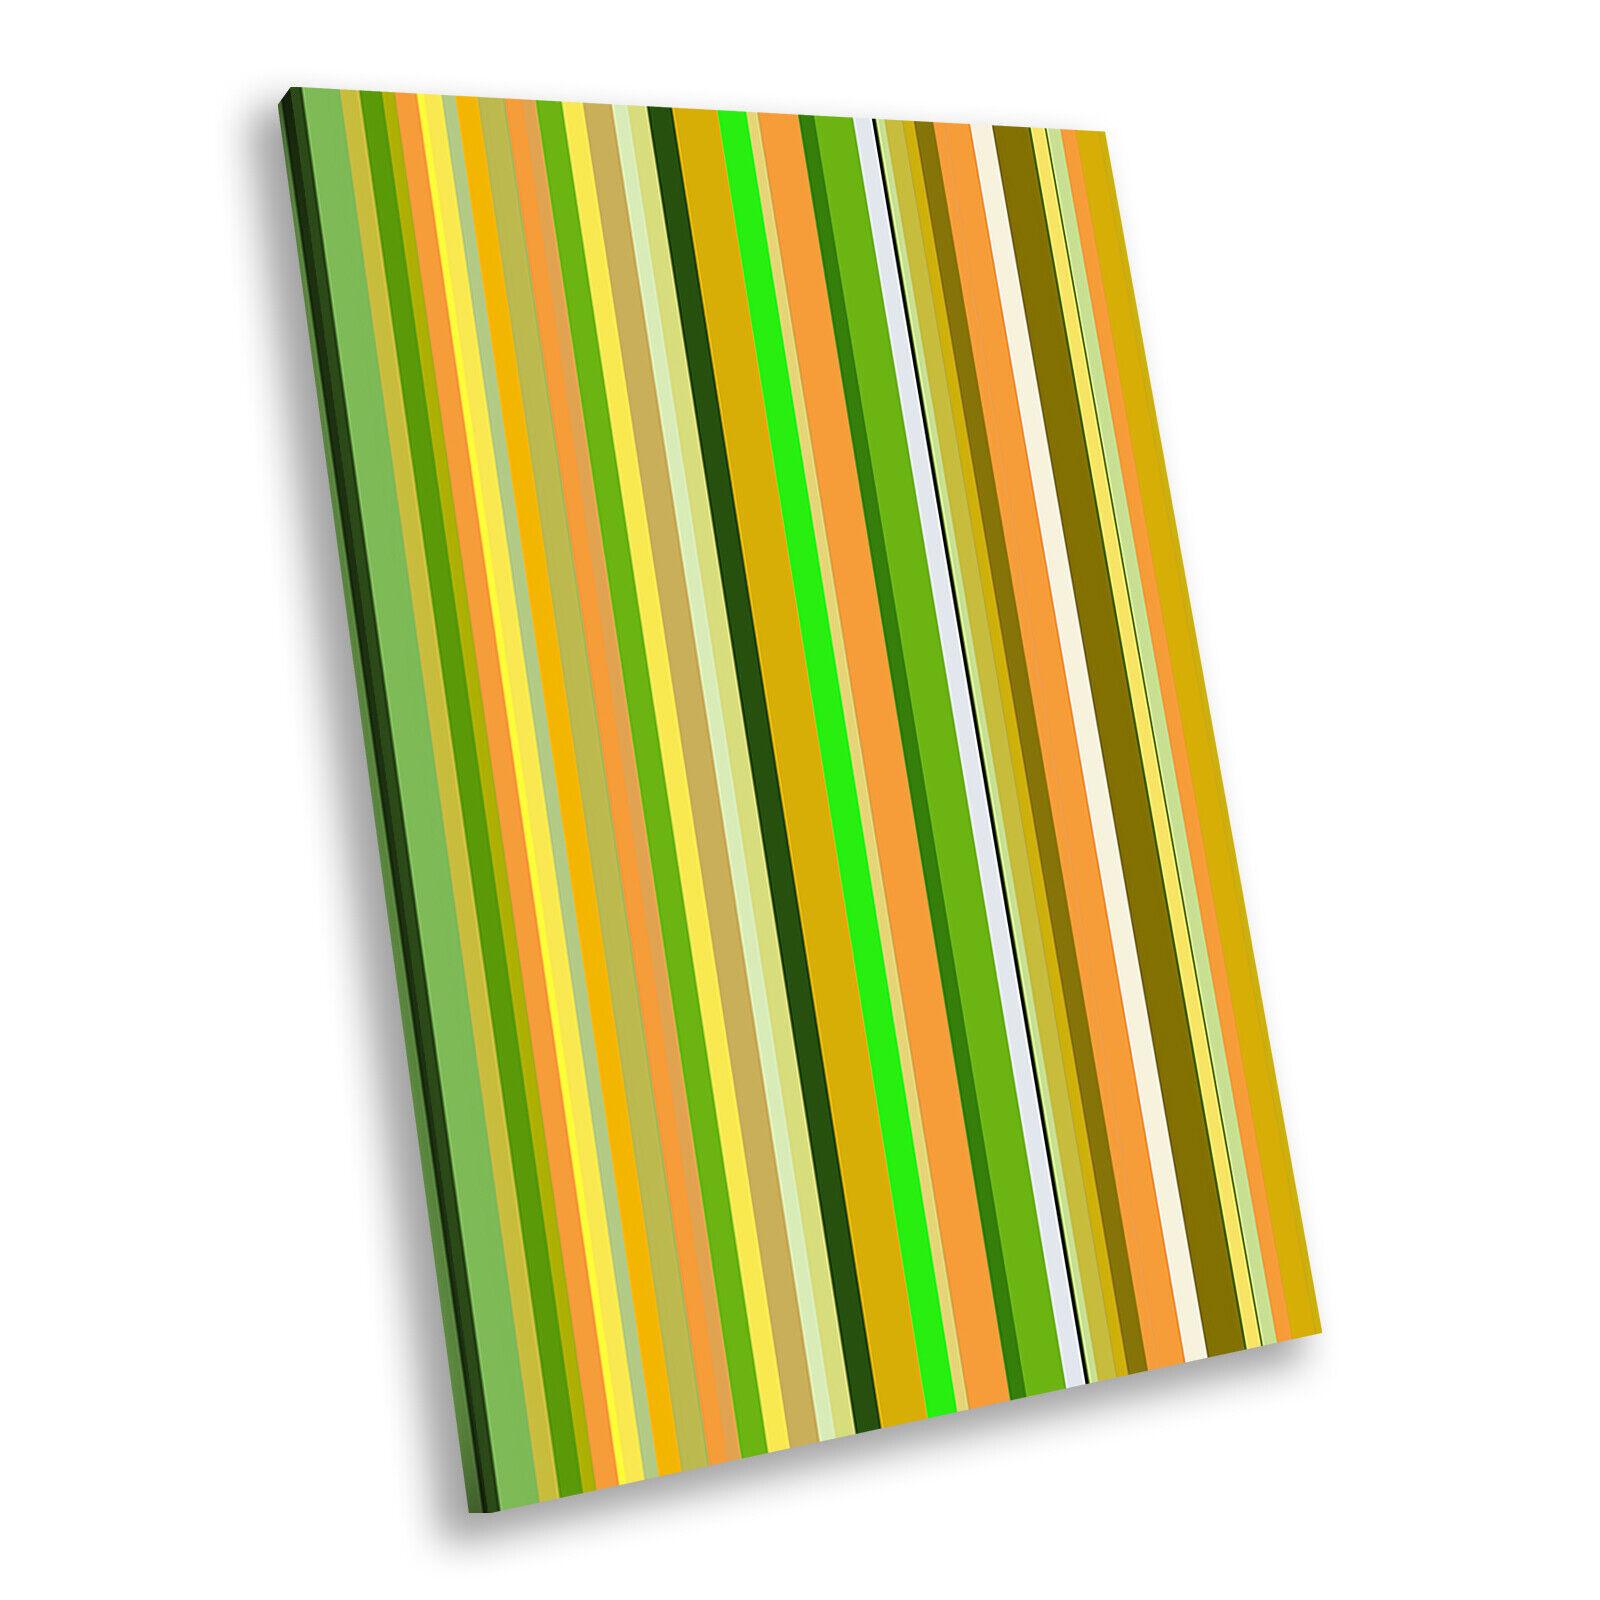 Grün Orange Stripes Portrait Abstract Canvas Wall Art Large Picture Prints